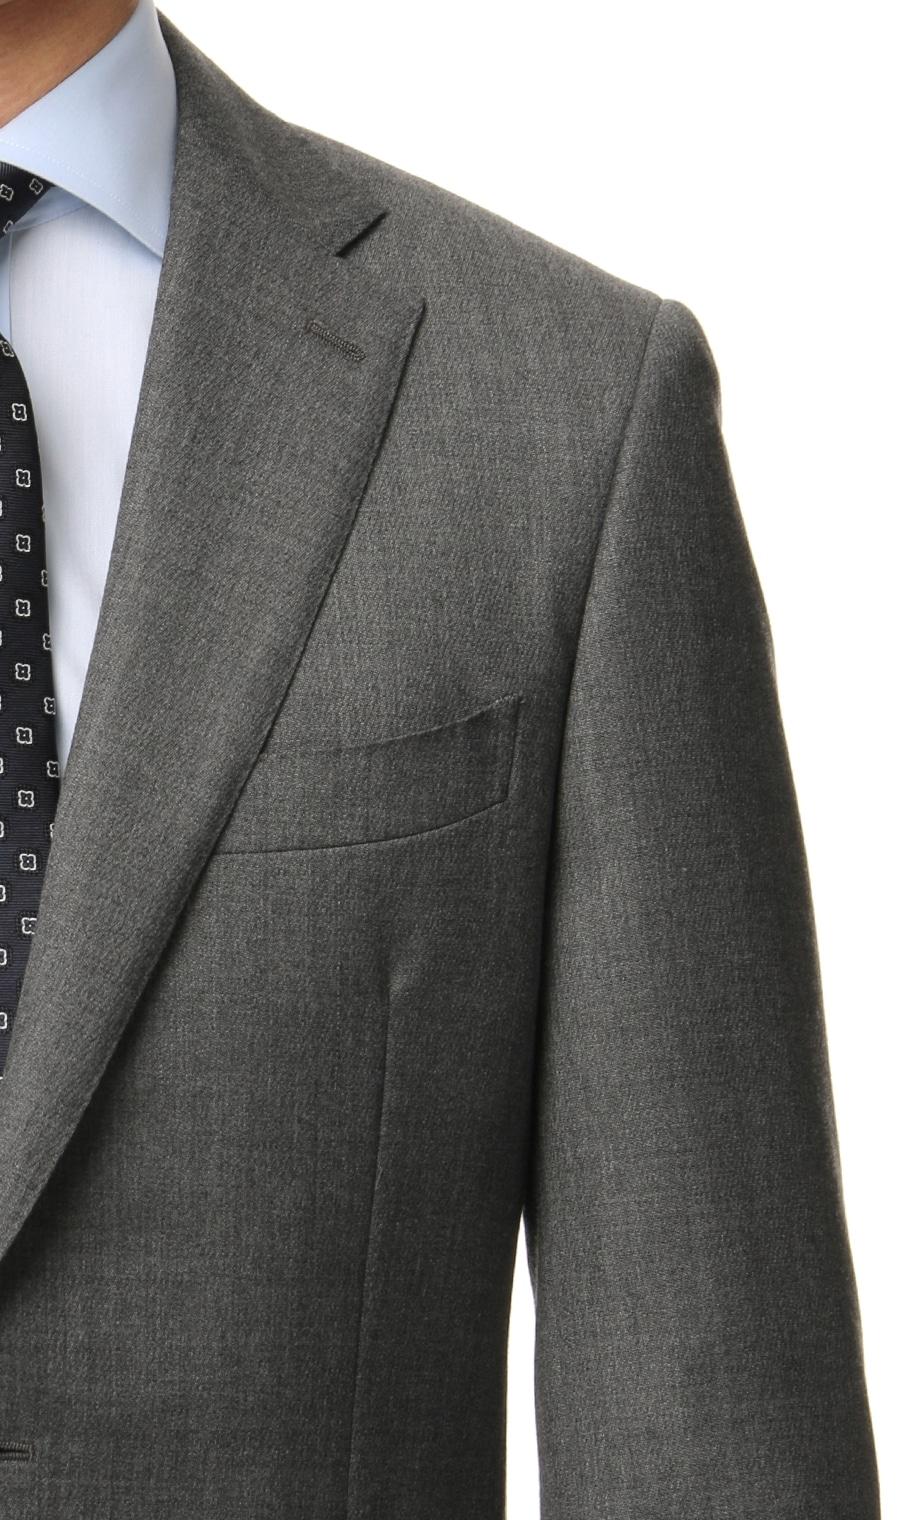 HILTONプレミアムスタイリッシュスーツ